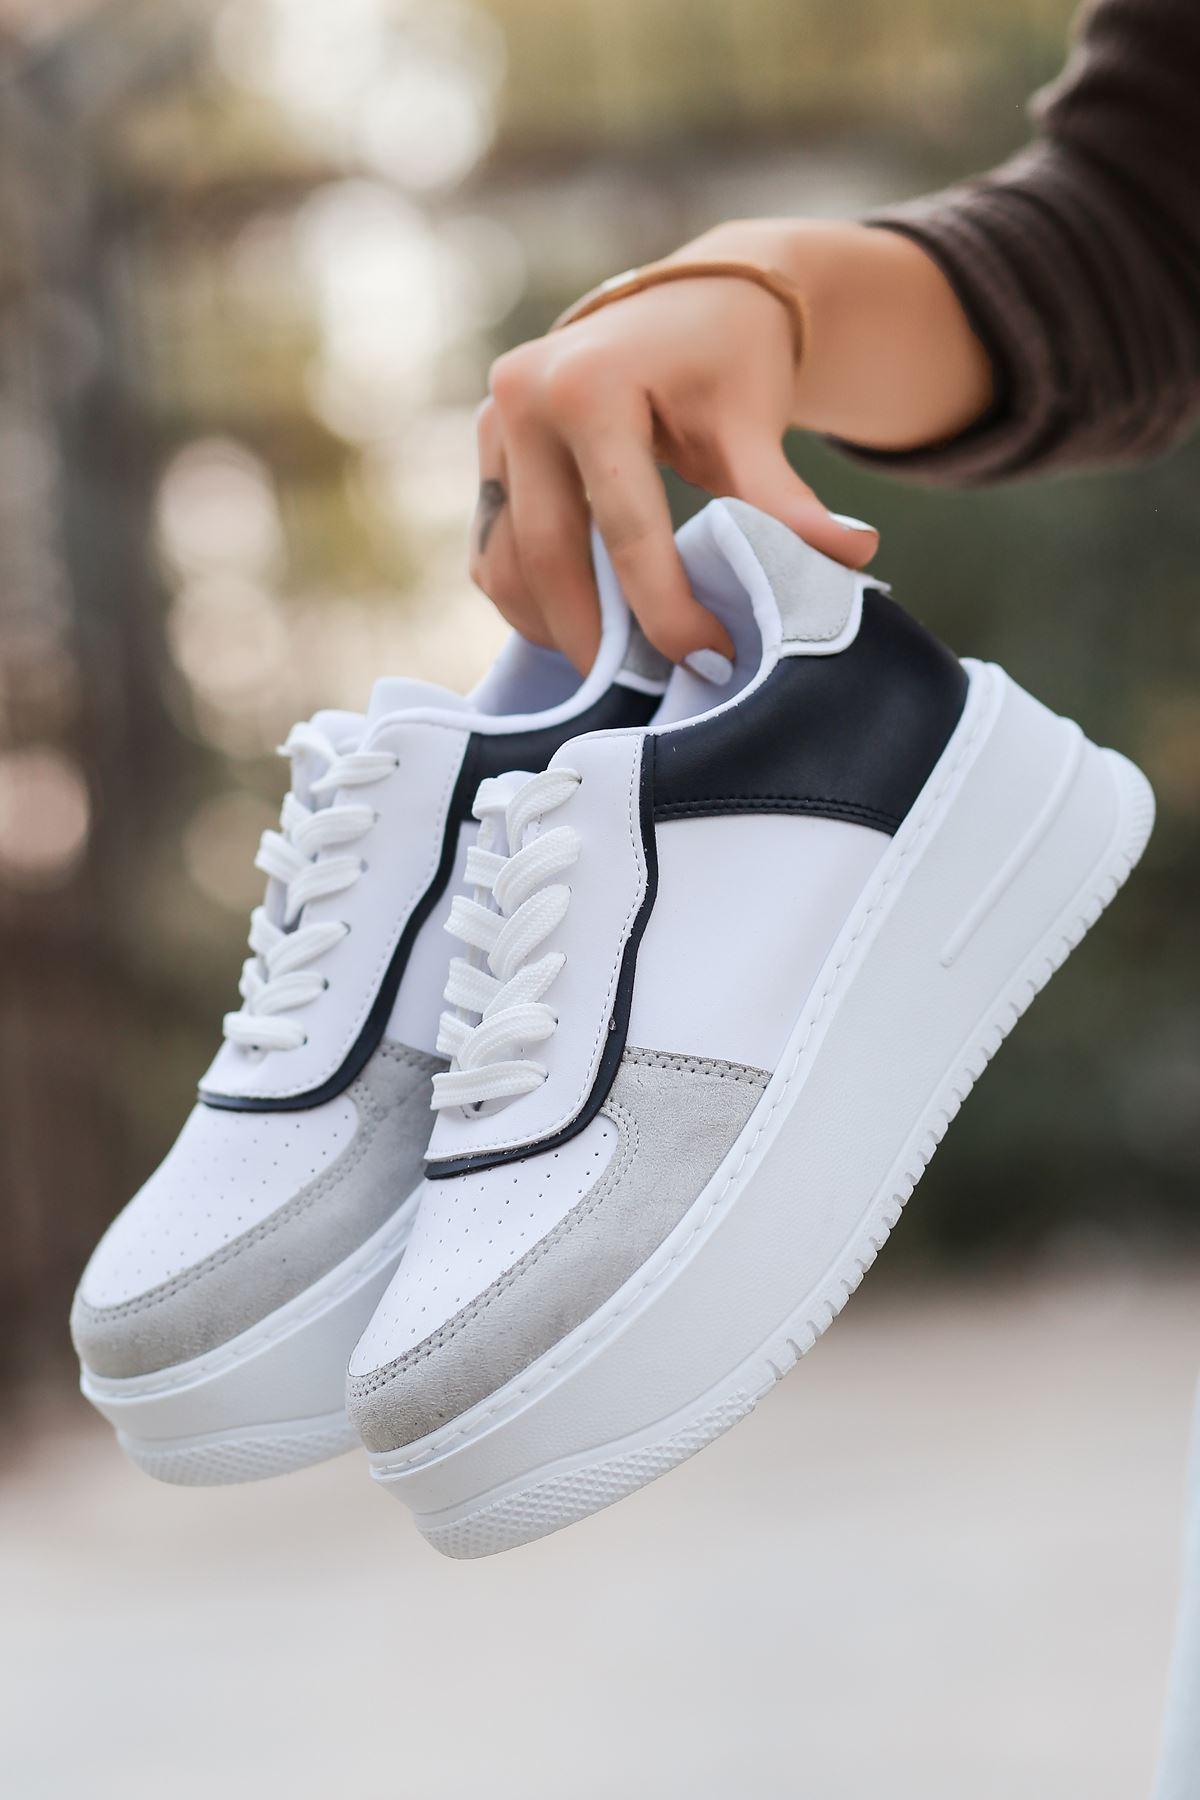 Rms Mat Deri Bağıcıklı Kadın Spor Ayakkabı Siyah